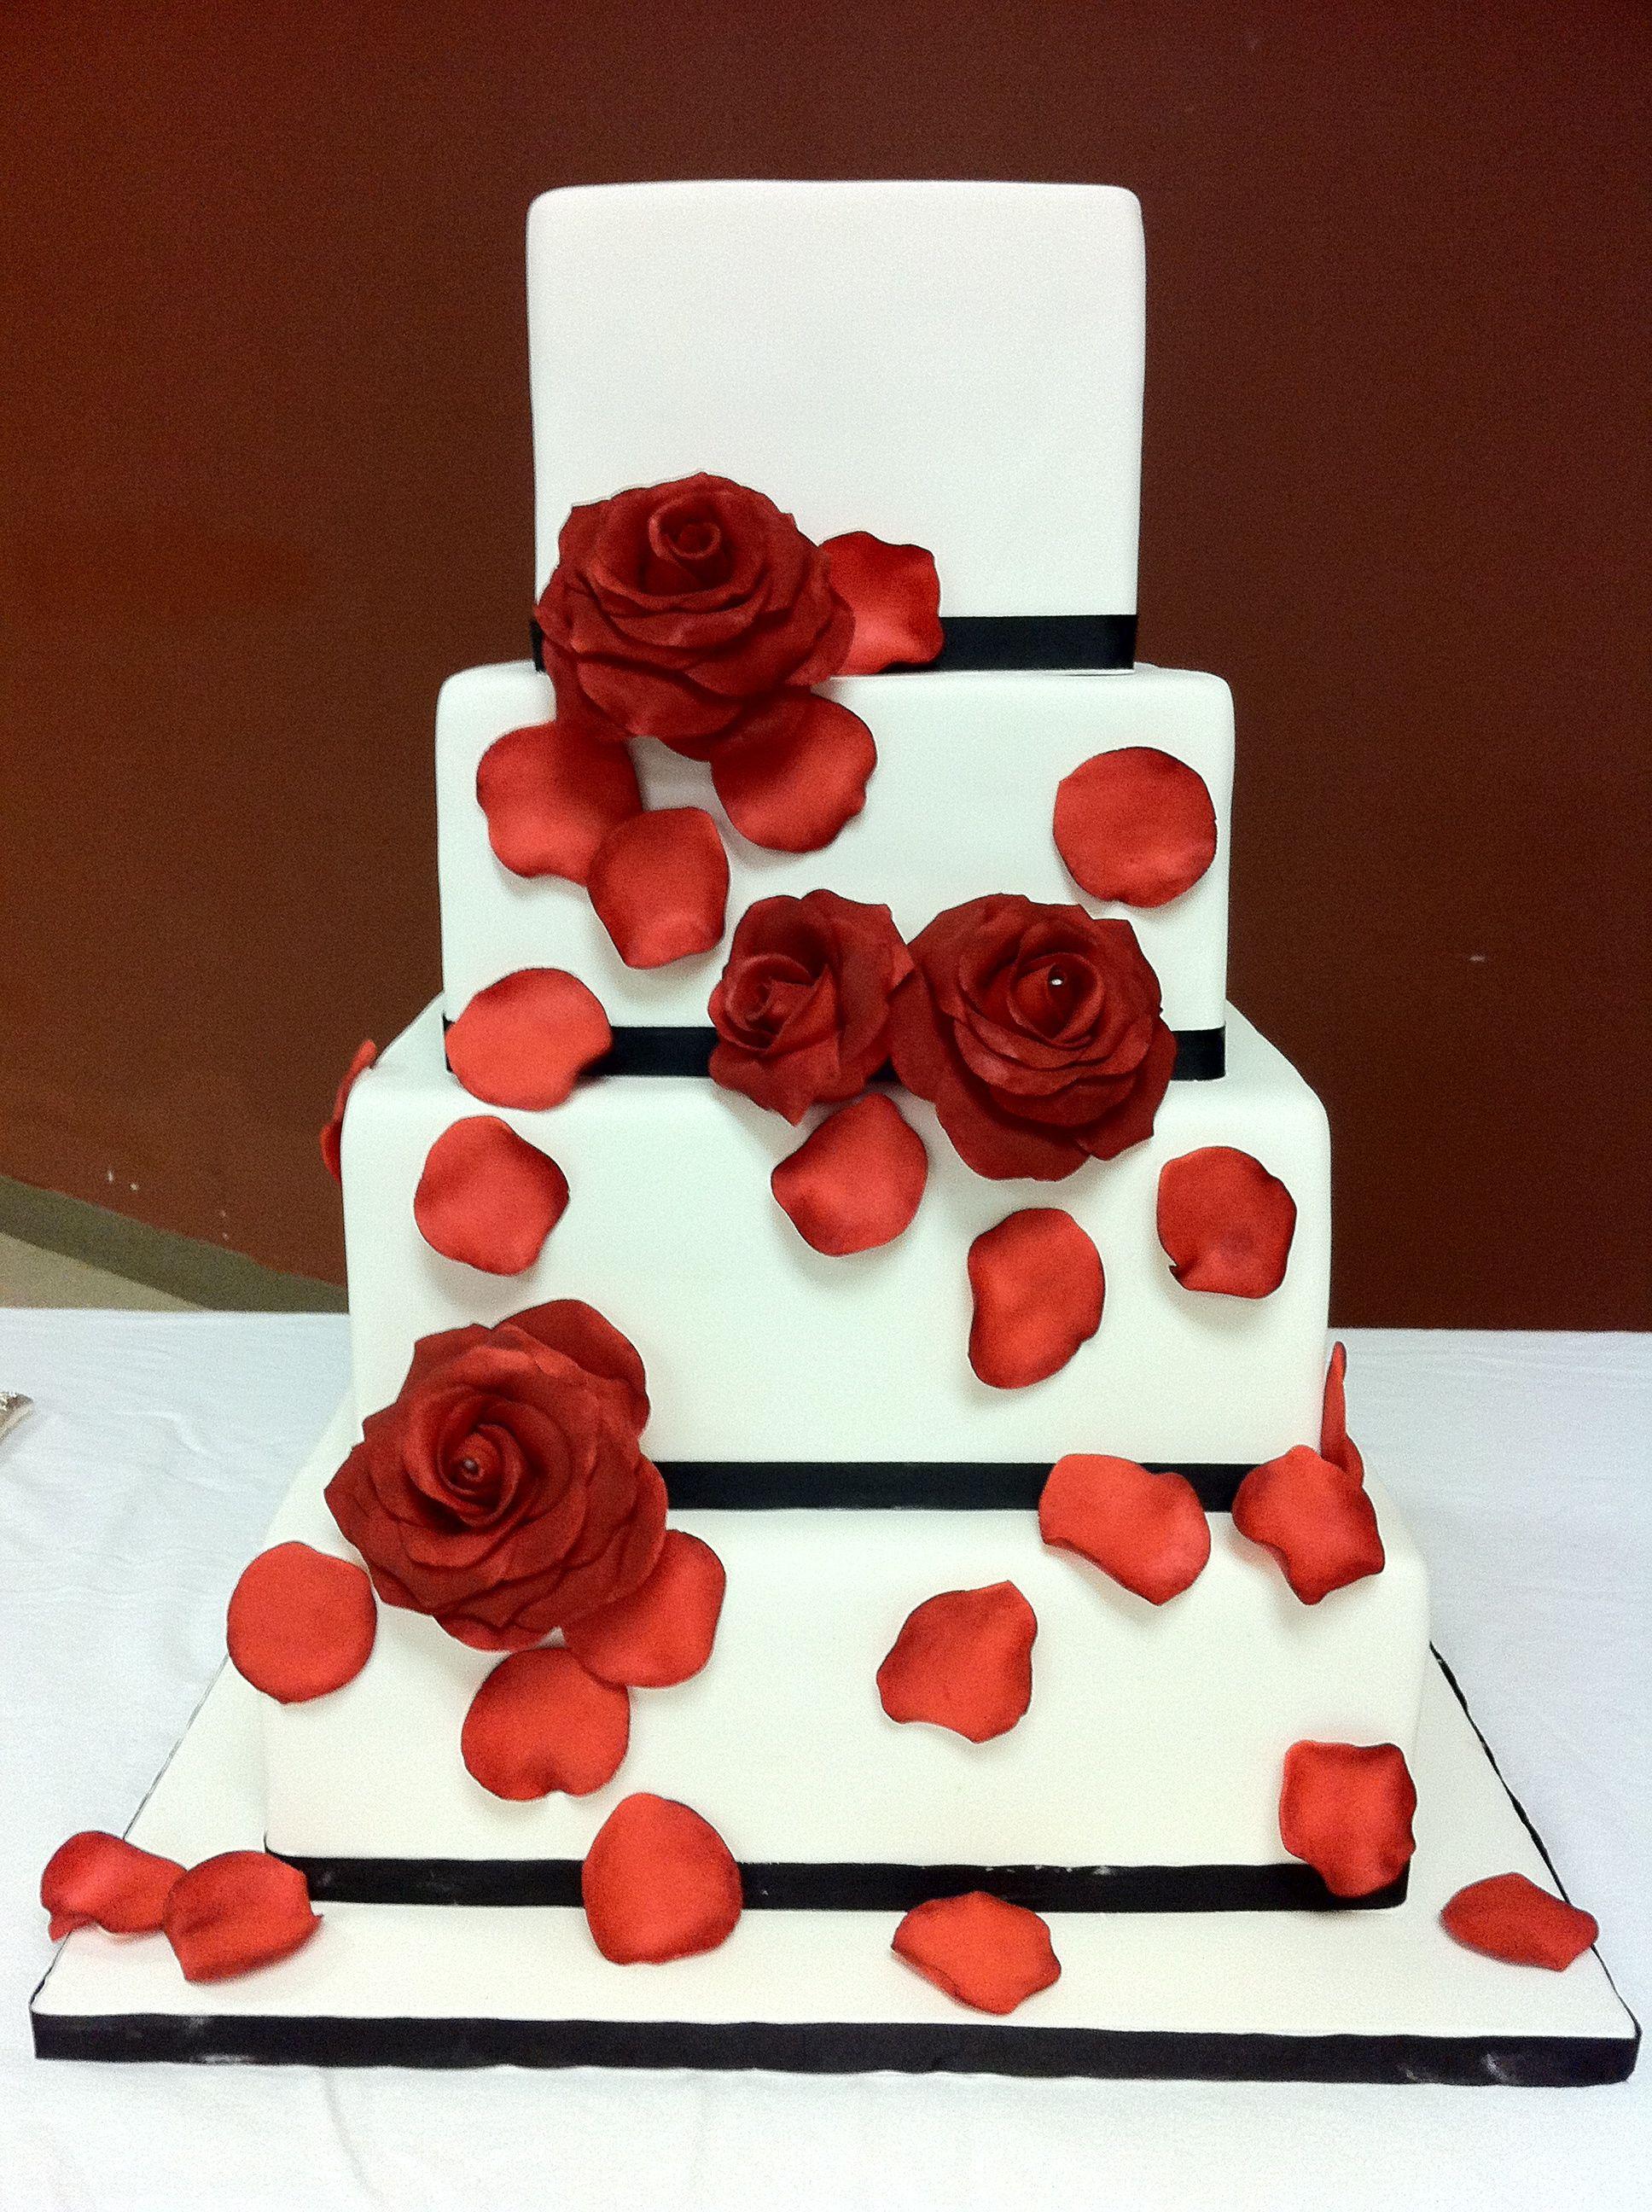 Black, White U0026 Red Roses Wedding Cake By Renay Zamora @ Sweetface Cakes,  Nashville